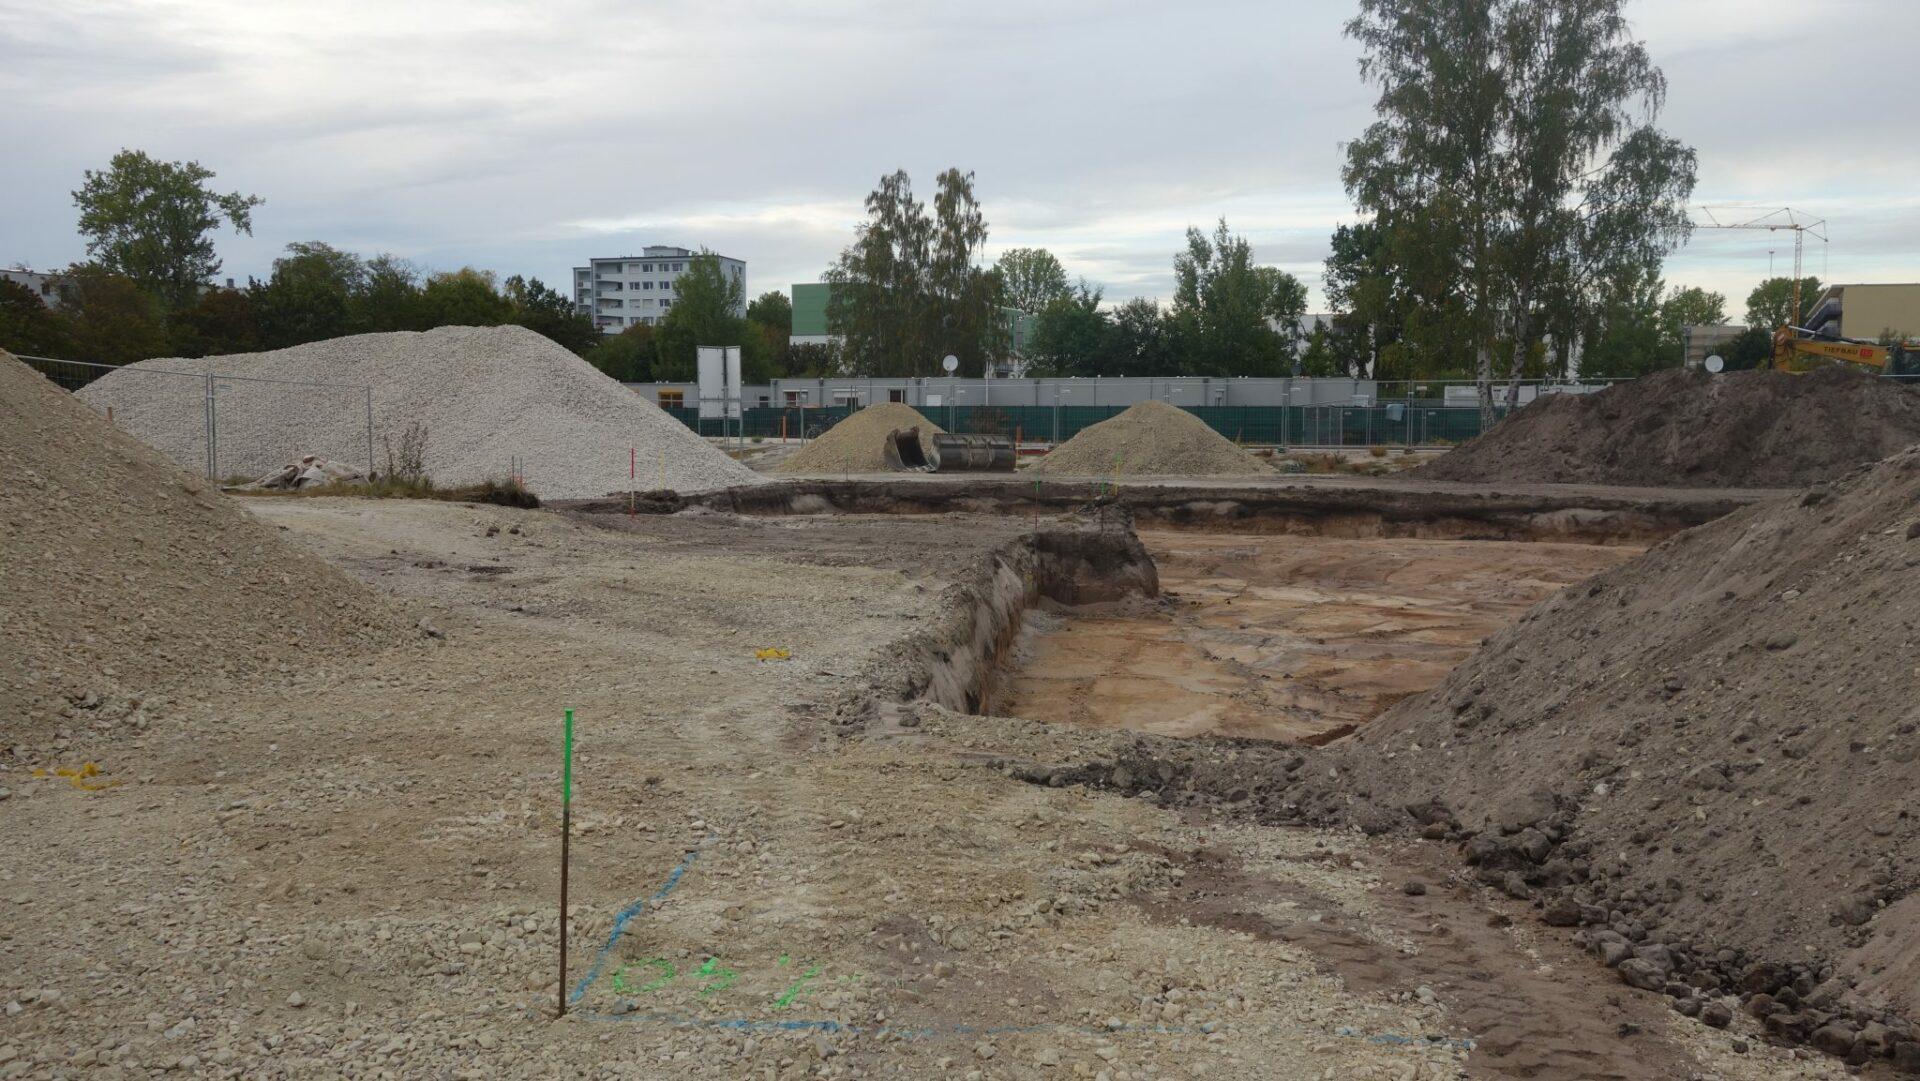 Blick über die Baustelle hinweg auf die Wohncontainer (A. Knisch).